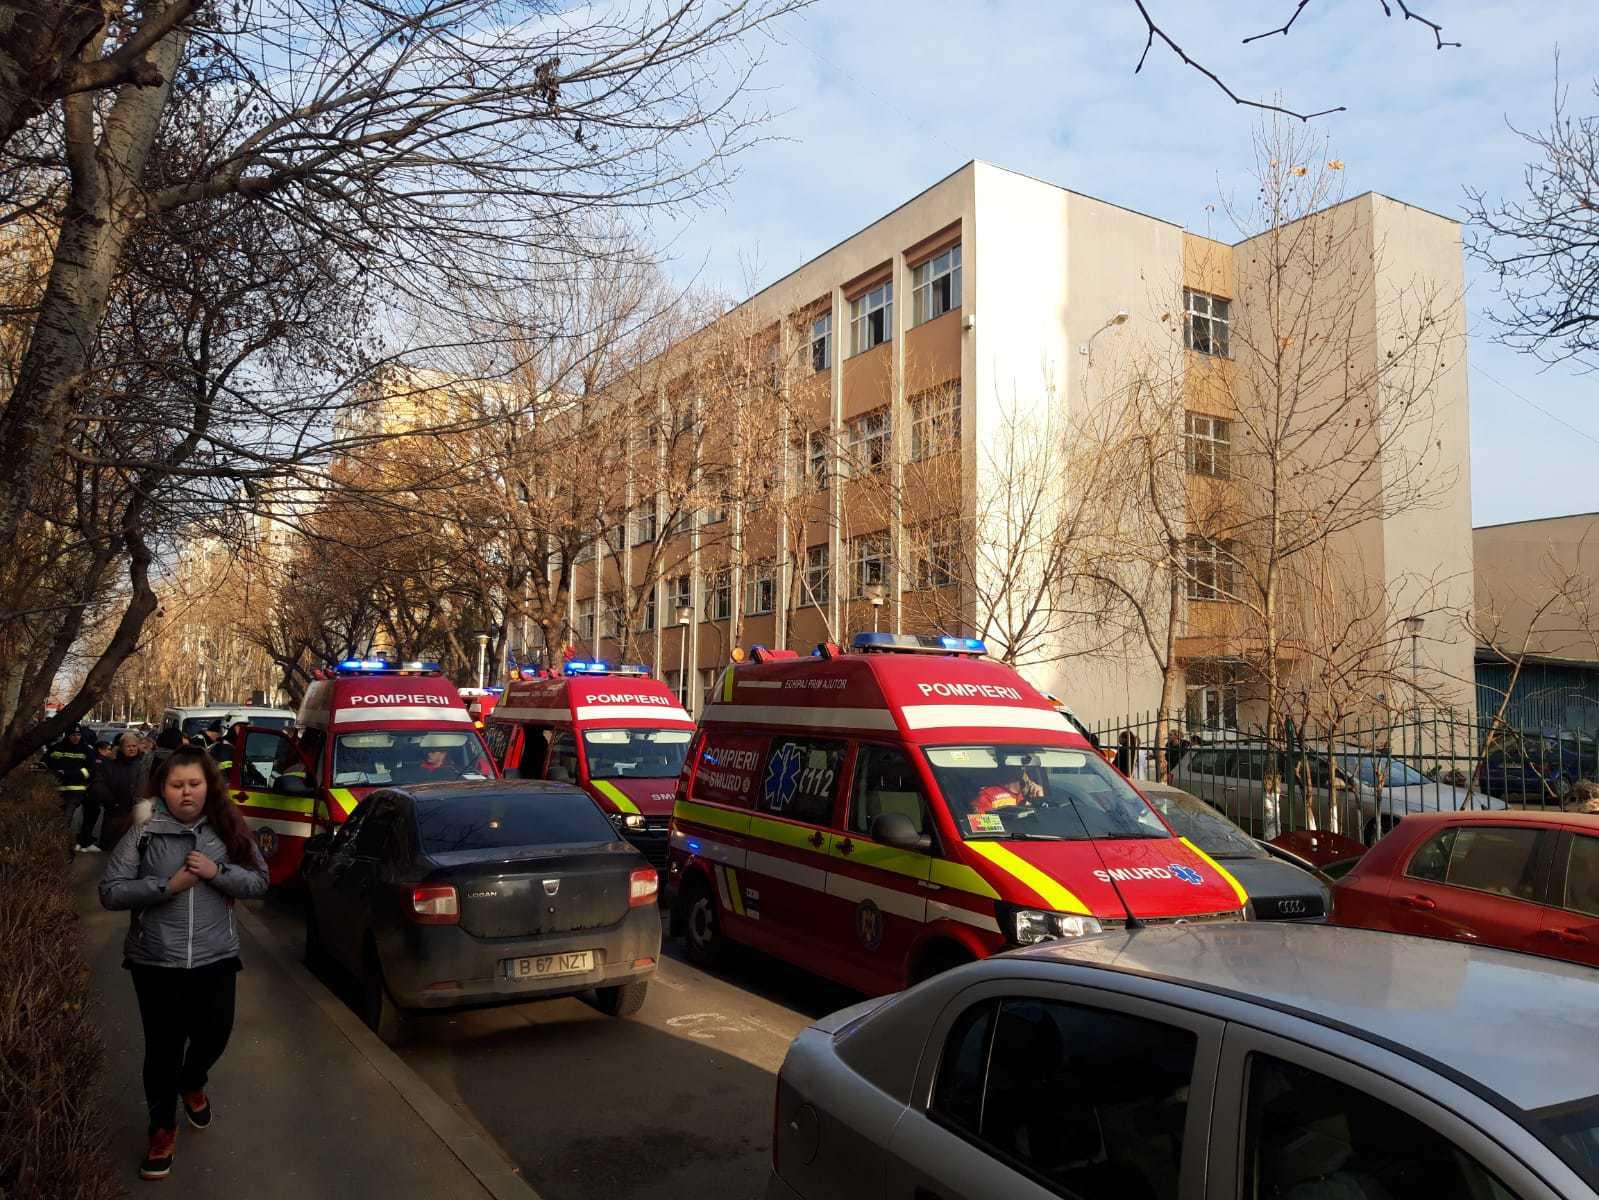 Şcoala 133 din Capitală, închisă pentru 72 de ore, după ce 18 elevi au ajuns la spital în urma unei igienizări. Substanţele folosite la deratizare / Anunţul Primăriei Sectorului 4 - FOTO